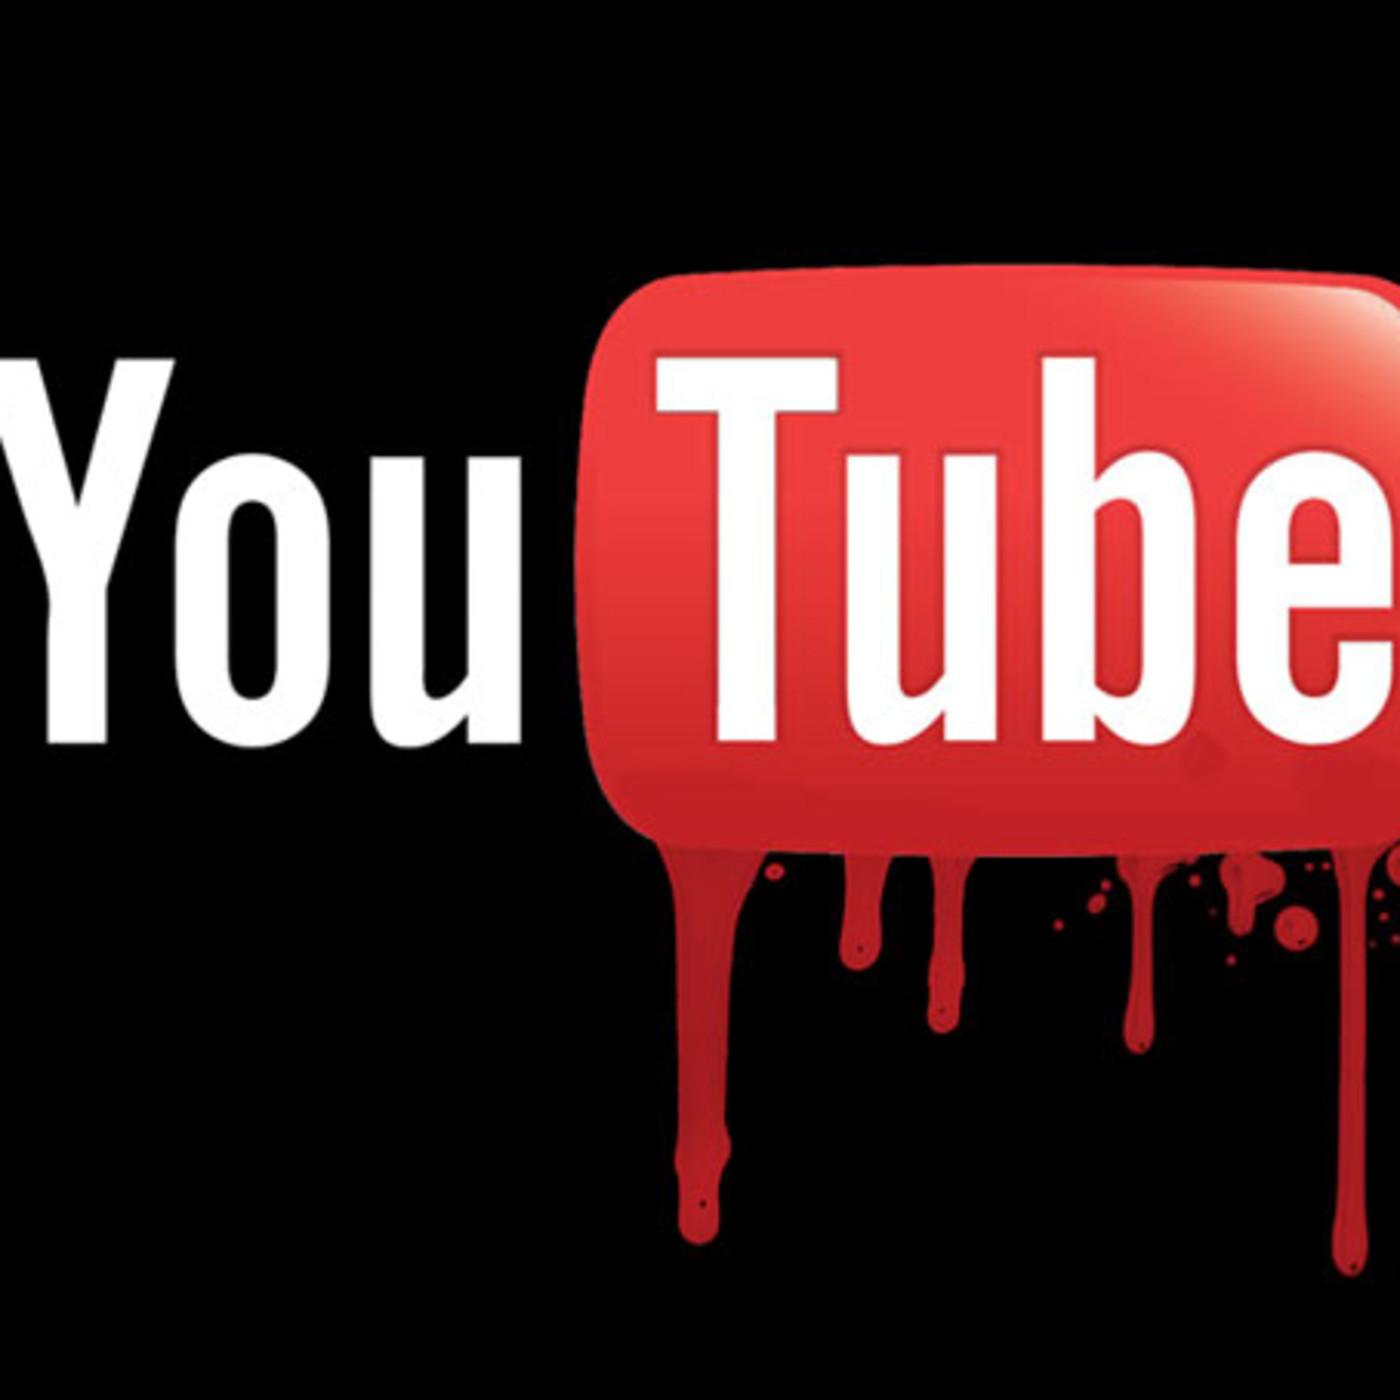 Misterios en Viernes 199 Youtube y el misterio en Misterios en ...